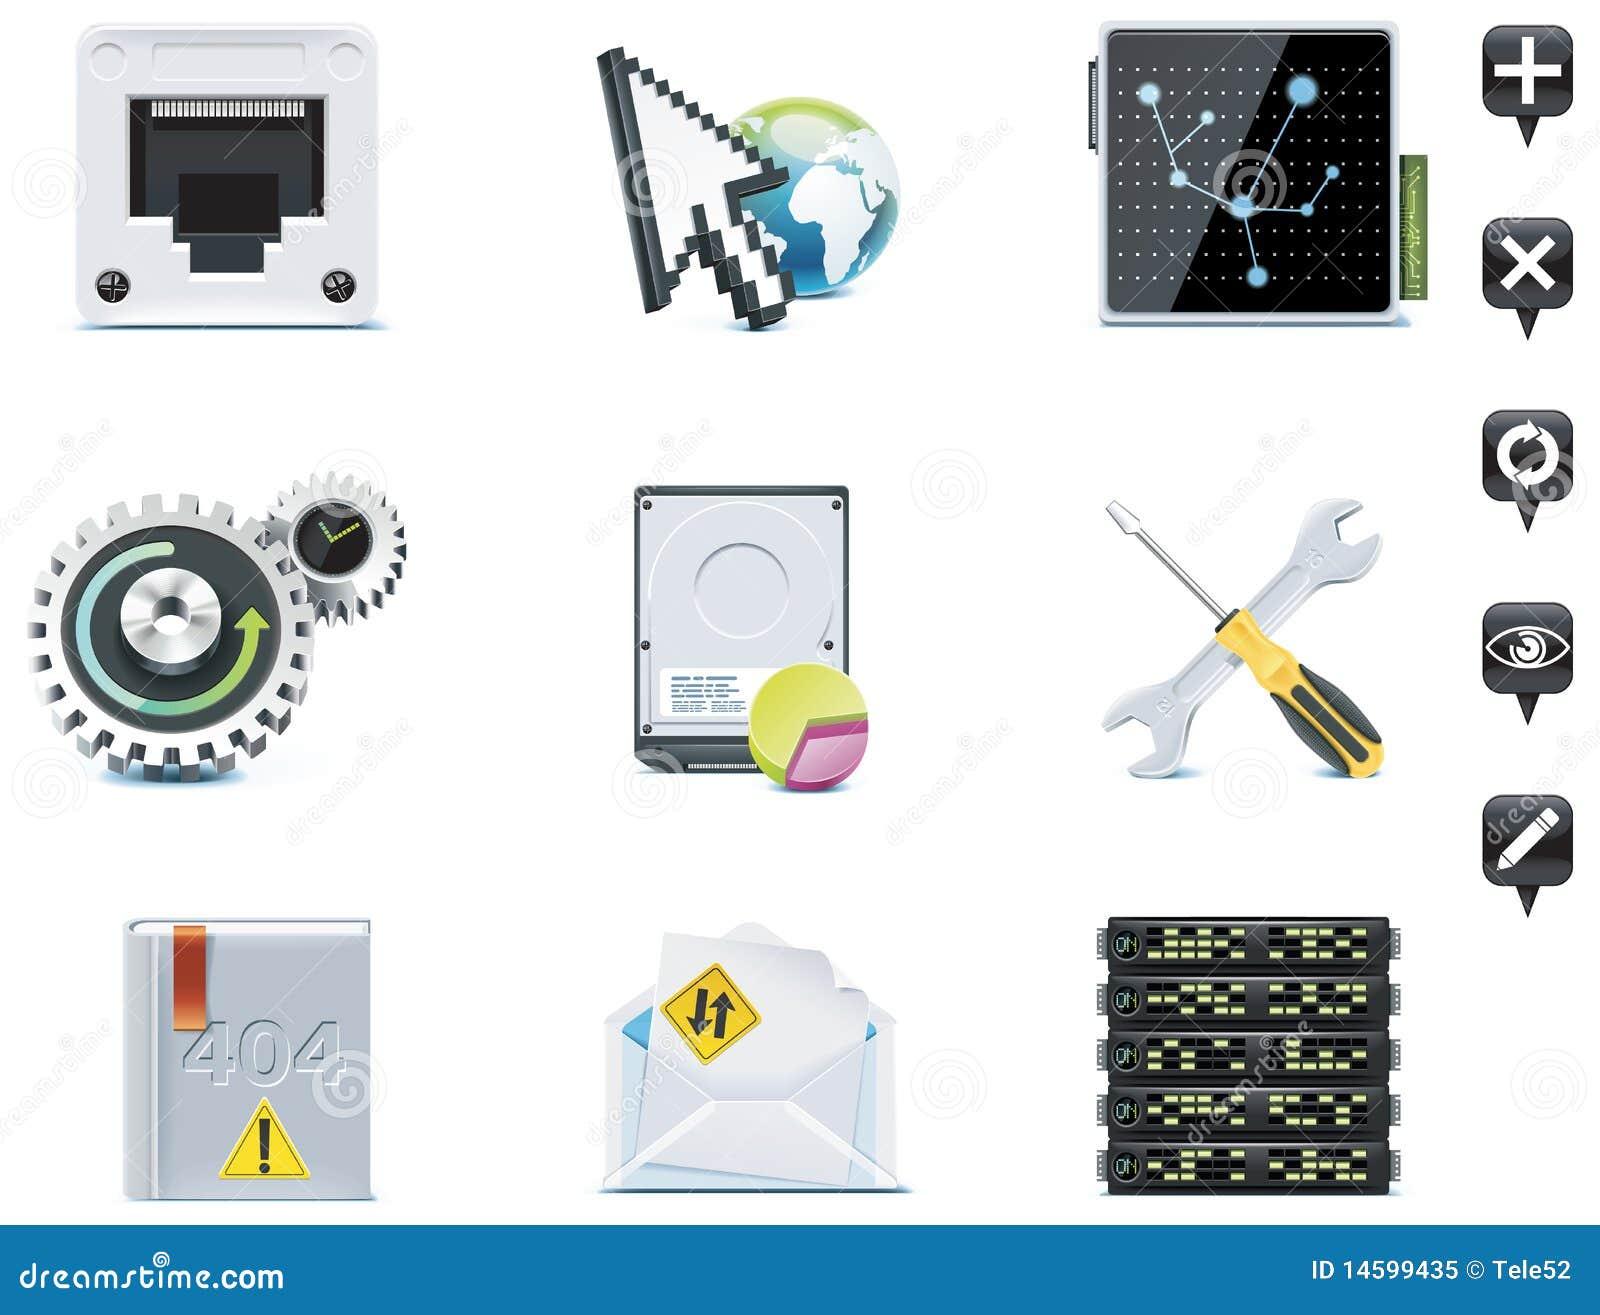 3个管理图标分开服务器